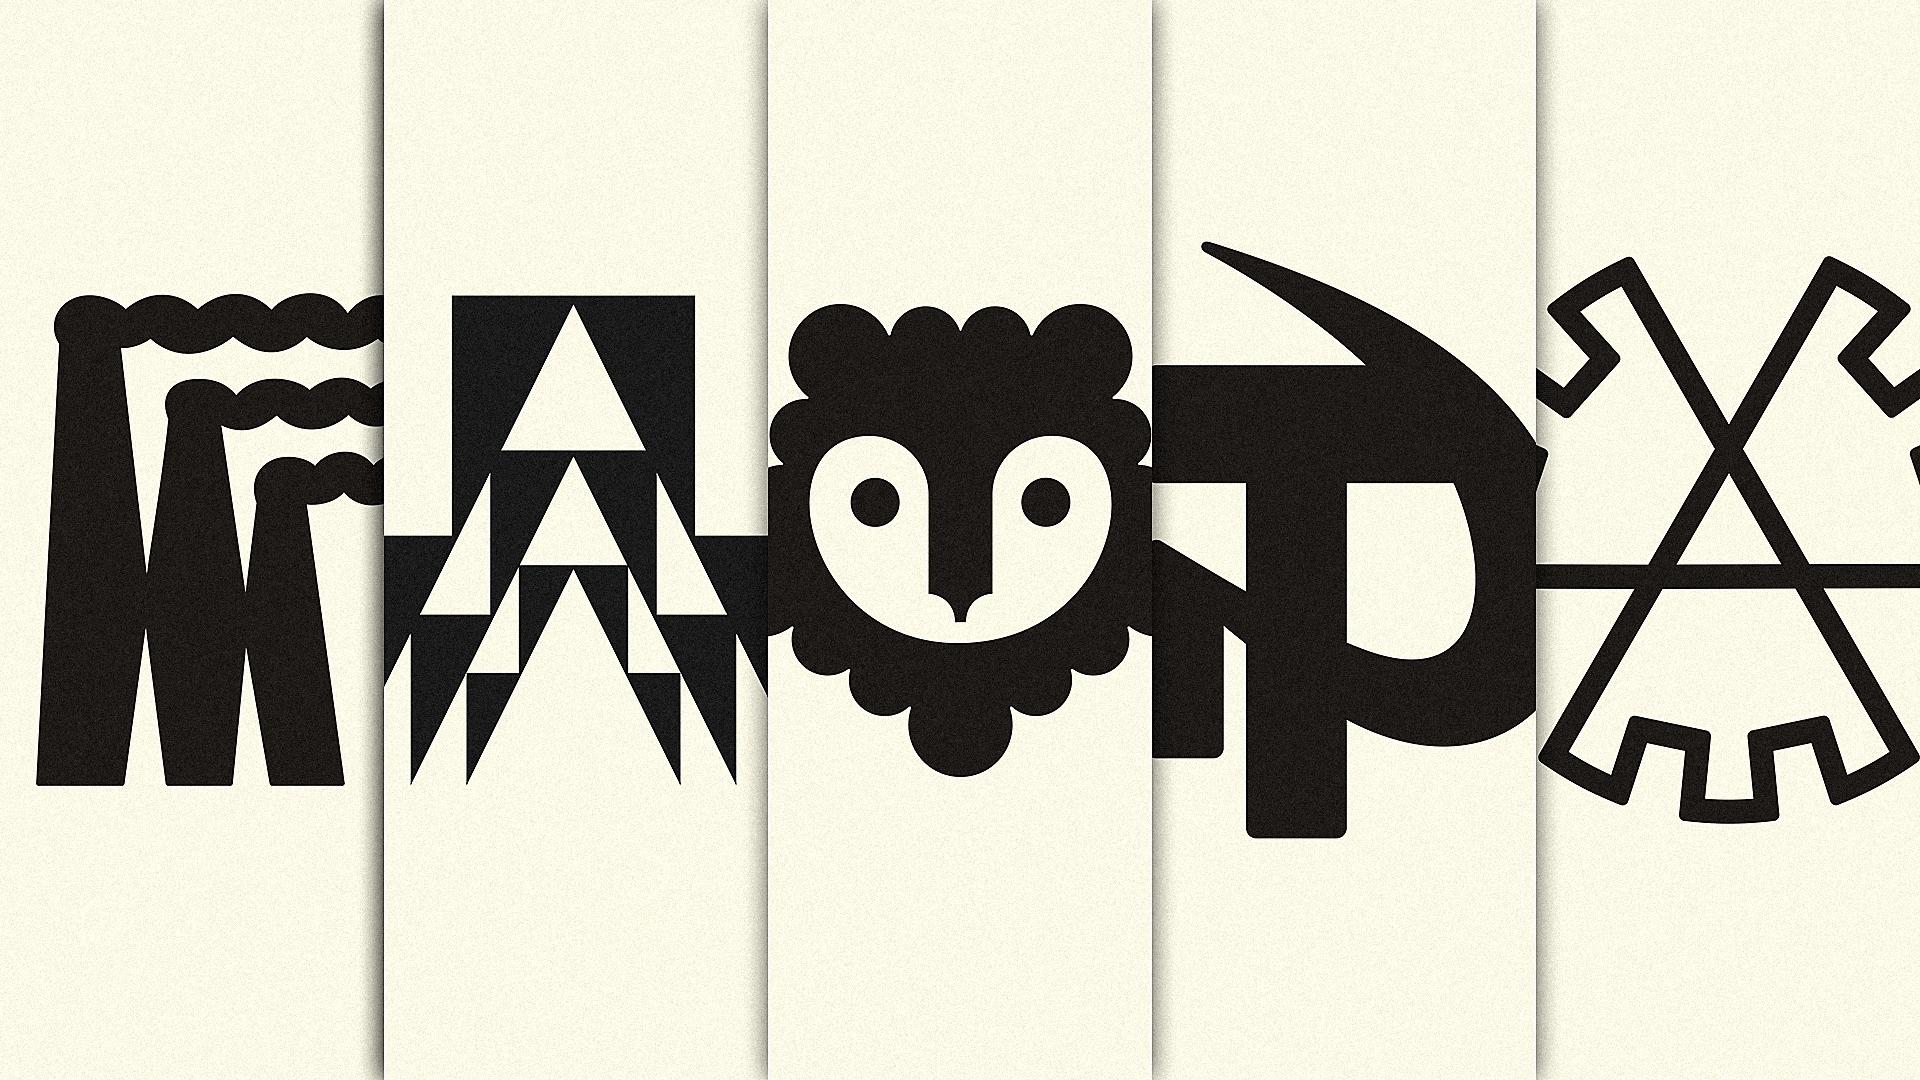 Recopilación de logos. Fuente: Fast Co. Design